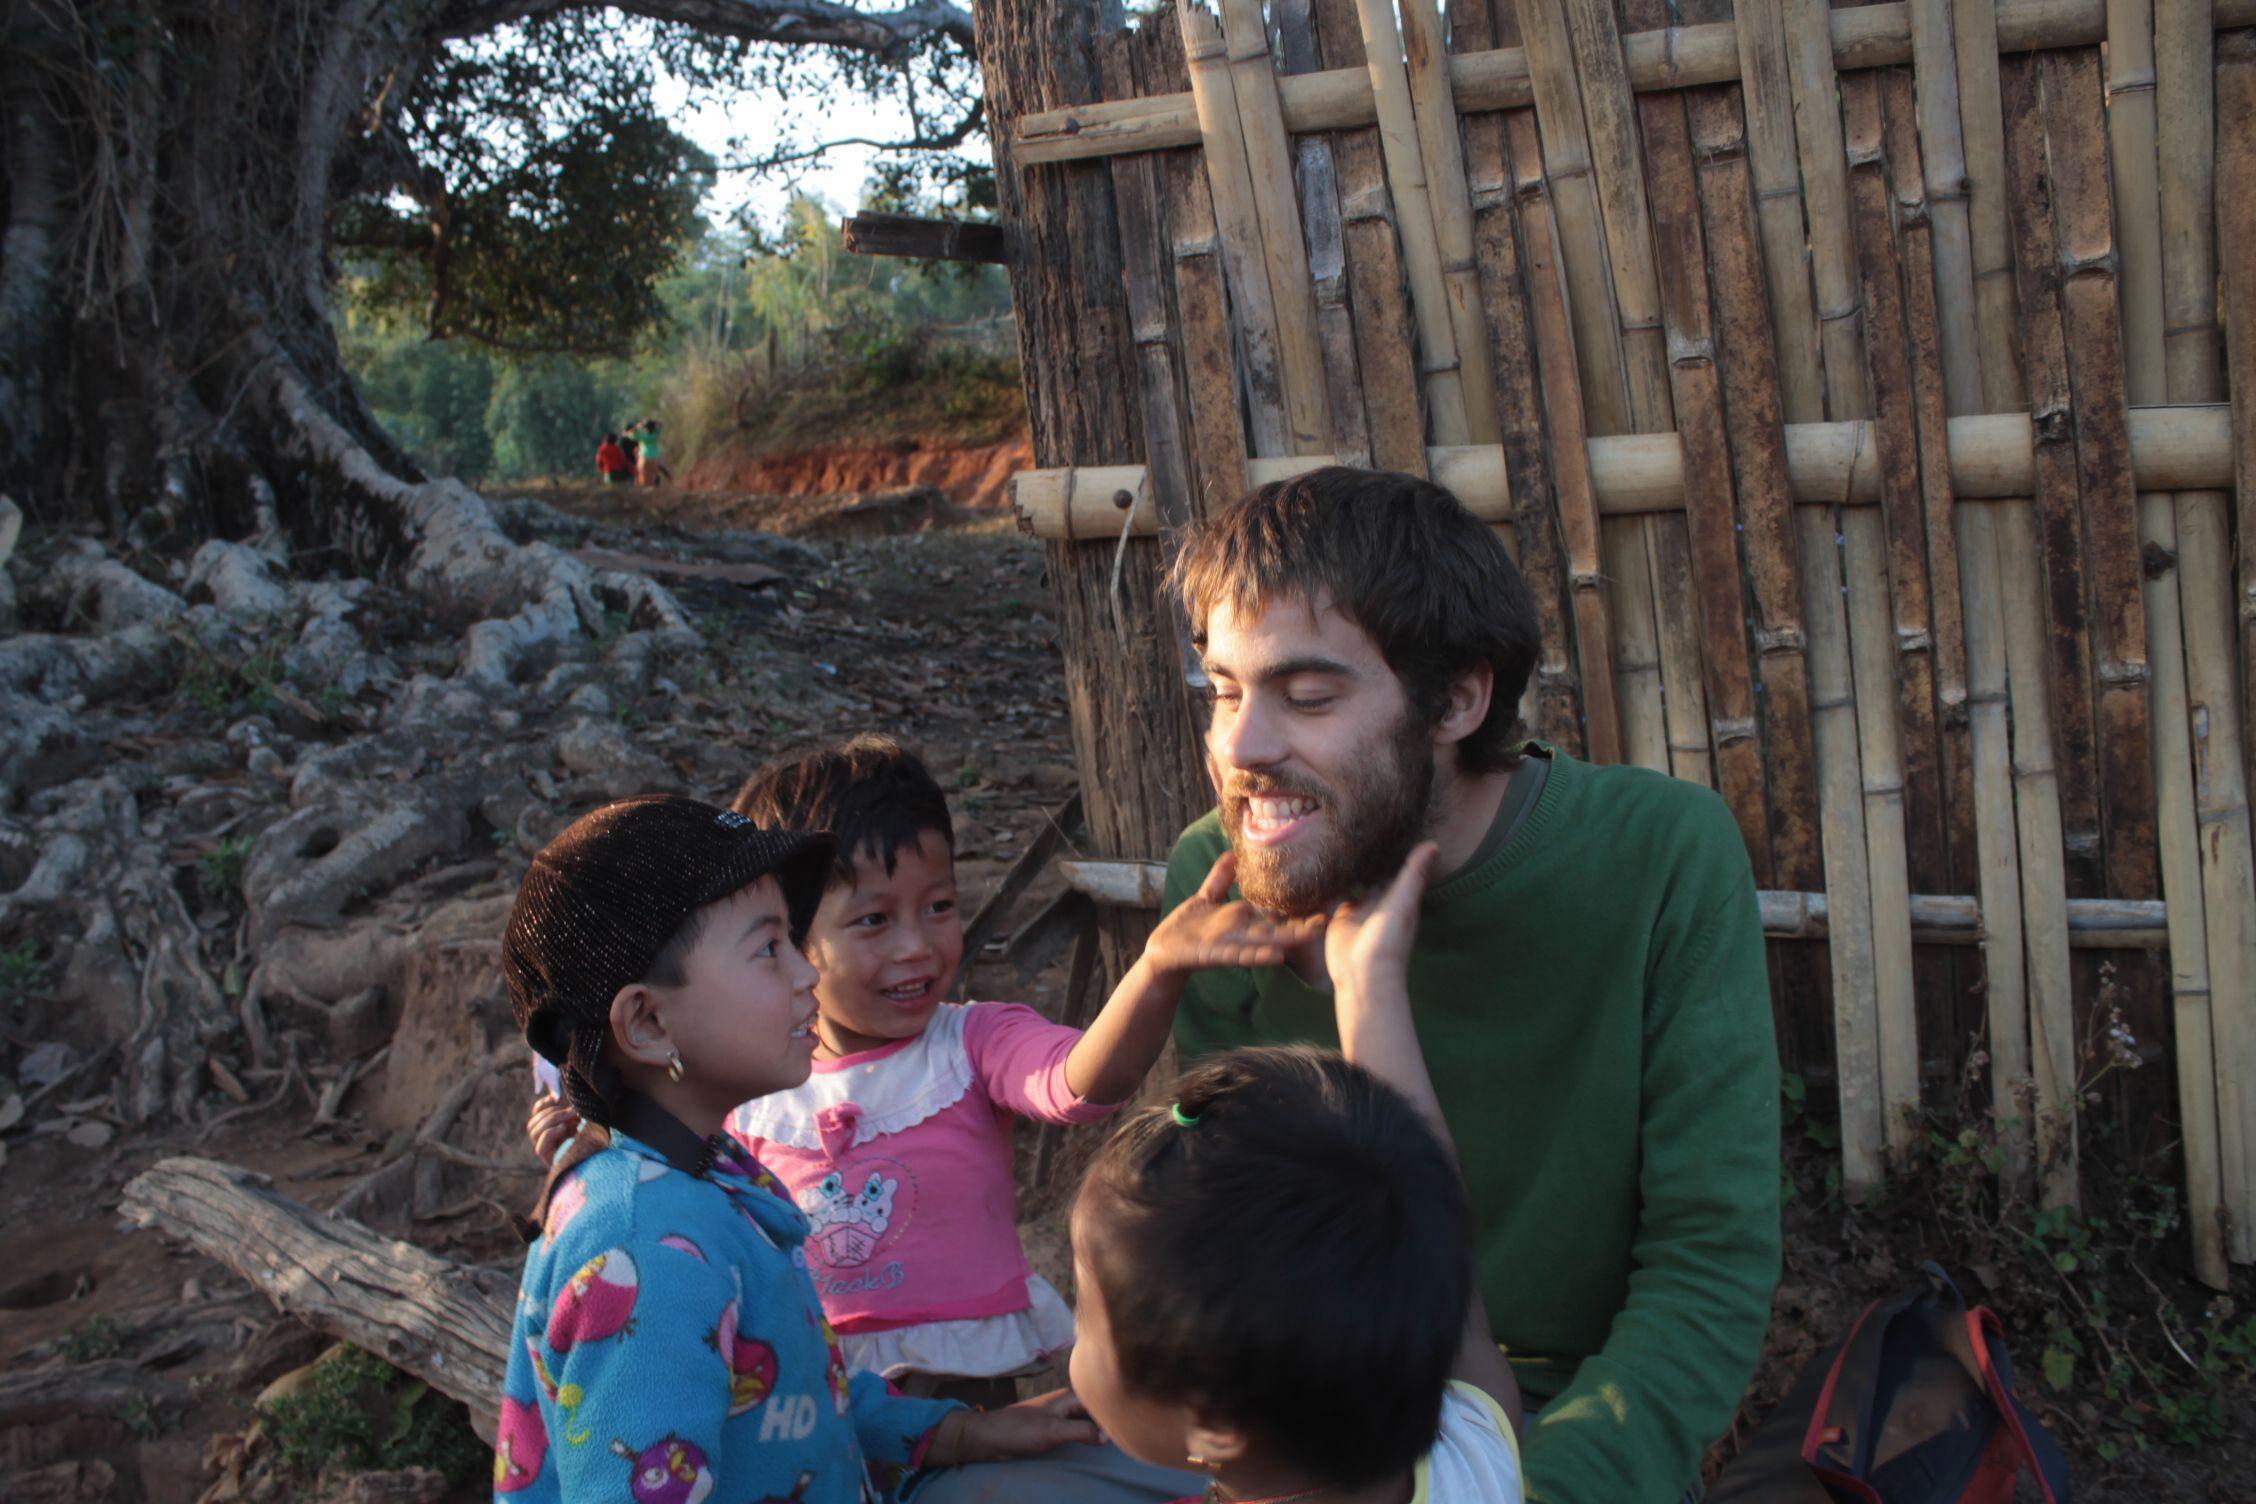 La barba de Dani causó furor entre las niñas del pueblo